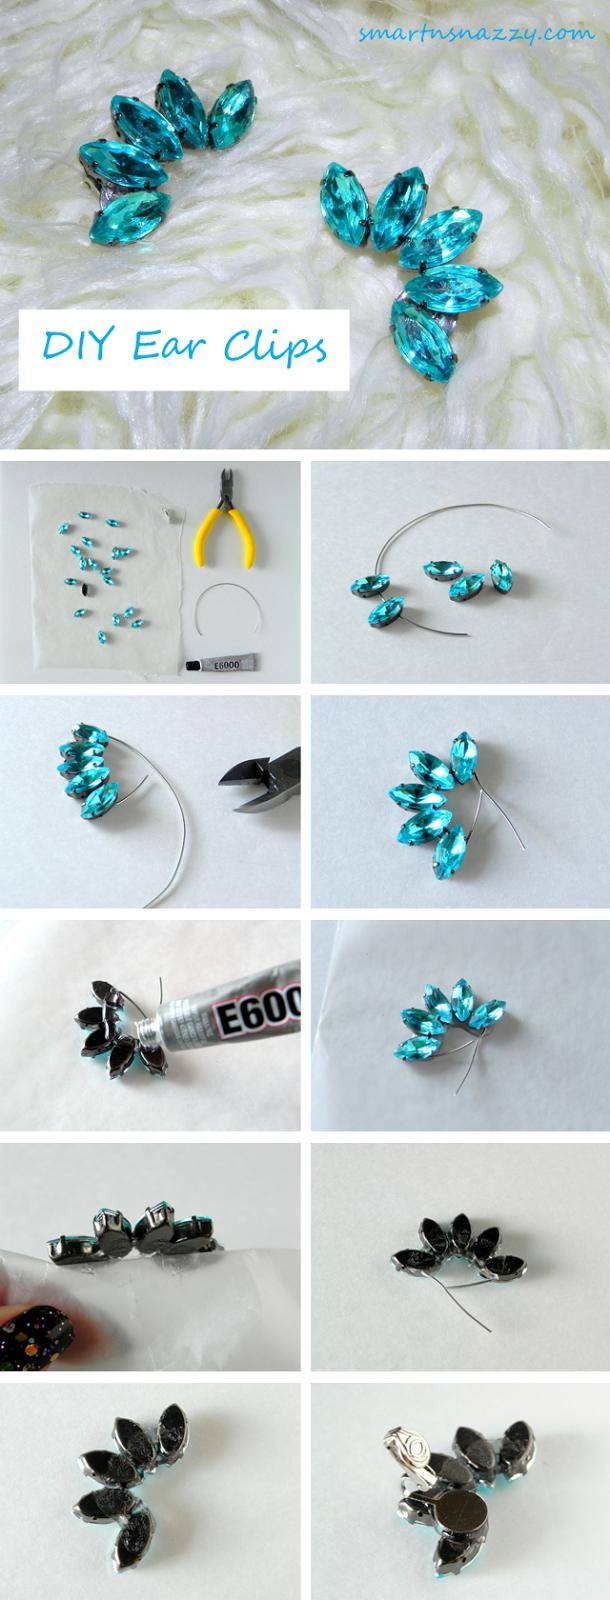 Smart n Snazzy: DIY ~ Rhinestone Ear Cuffs